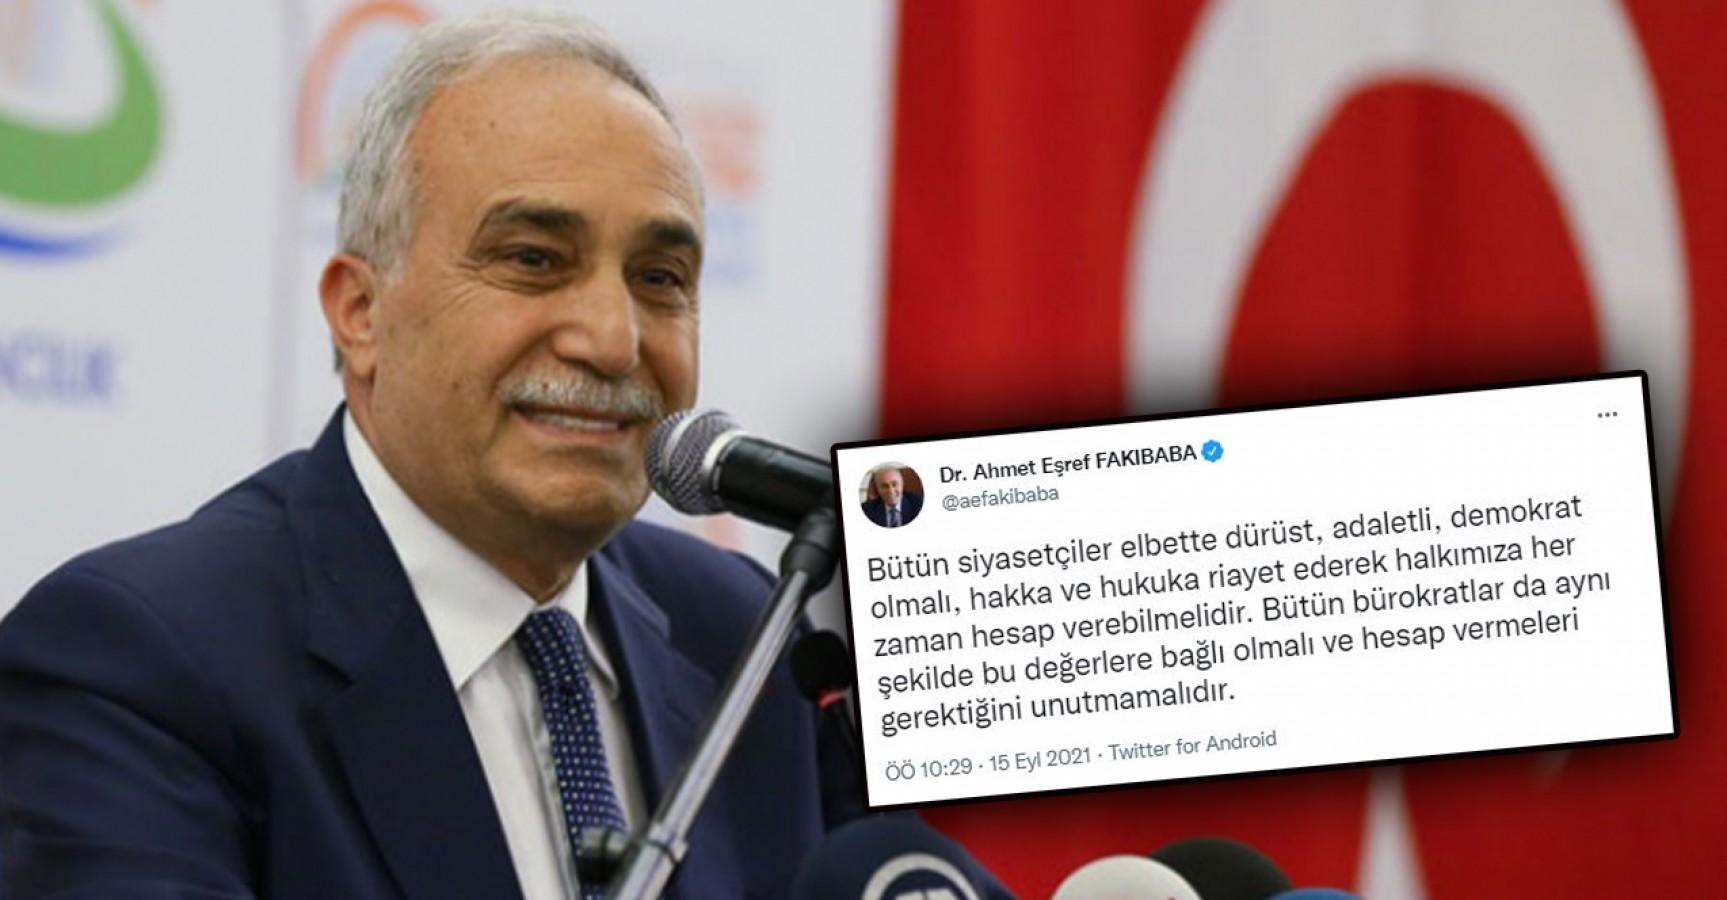 """Fakıbaba'dan manidar paylaşım: """"Hesap verebilmeliler"""""""